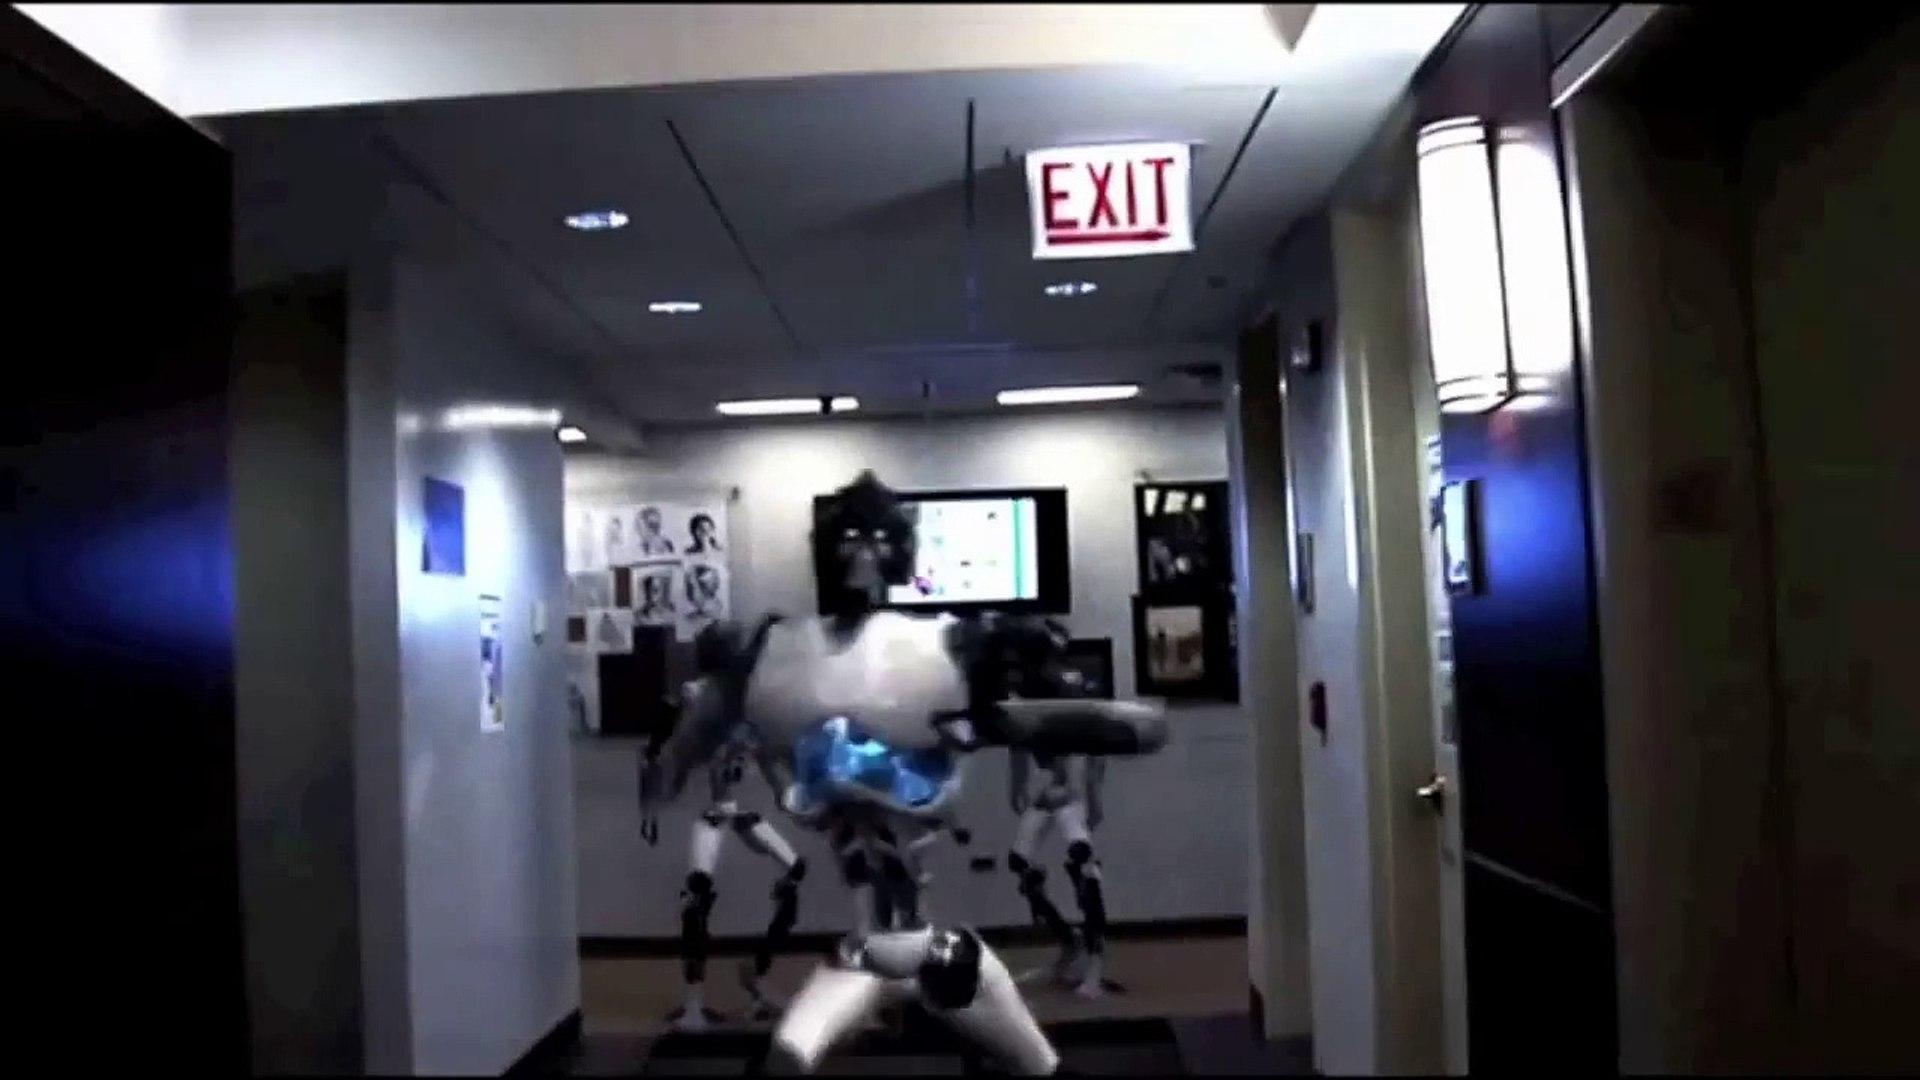 robot wars  technology  robot chicken star wars  Robot star wars  compilation